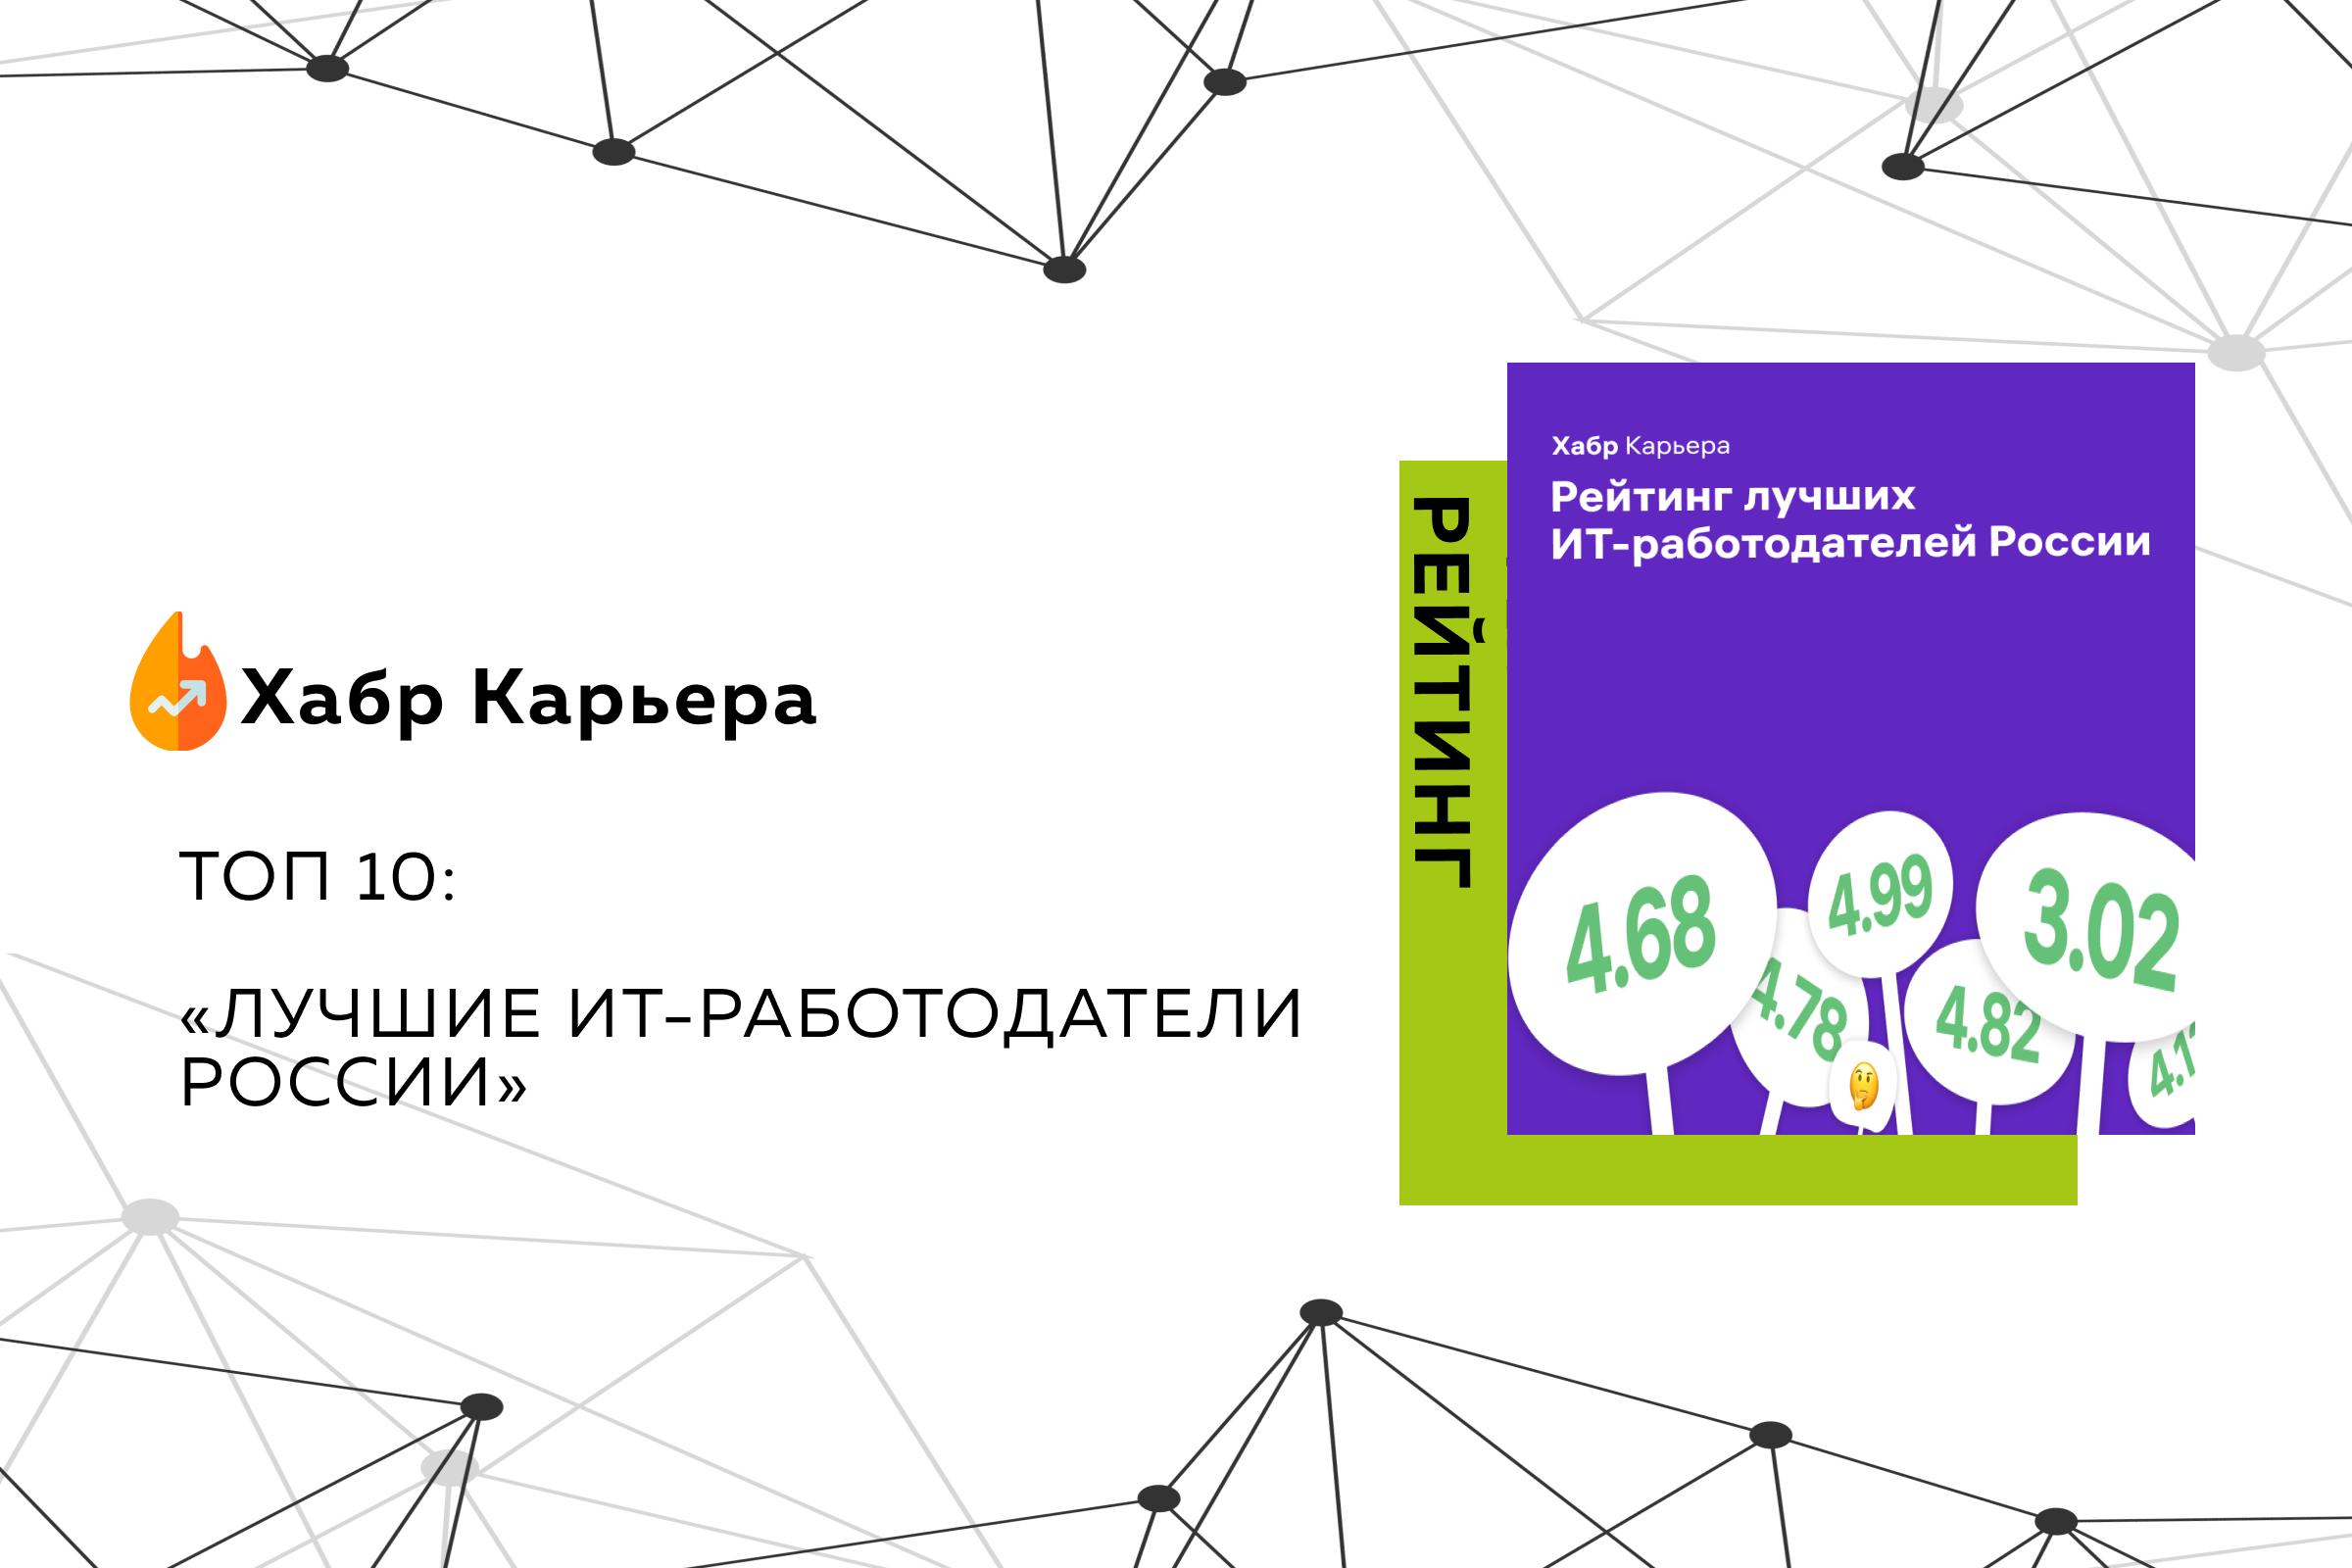 Рейтинг лучших ИТ-работодателей России